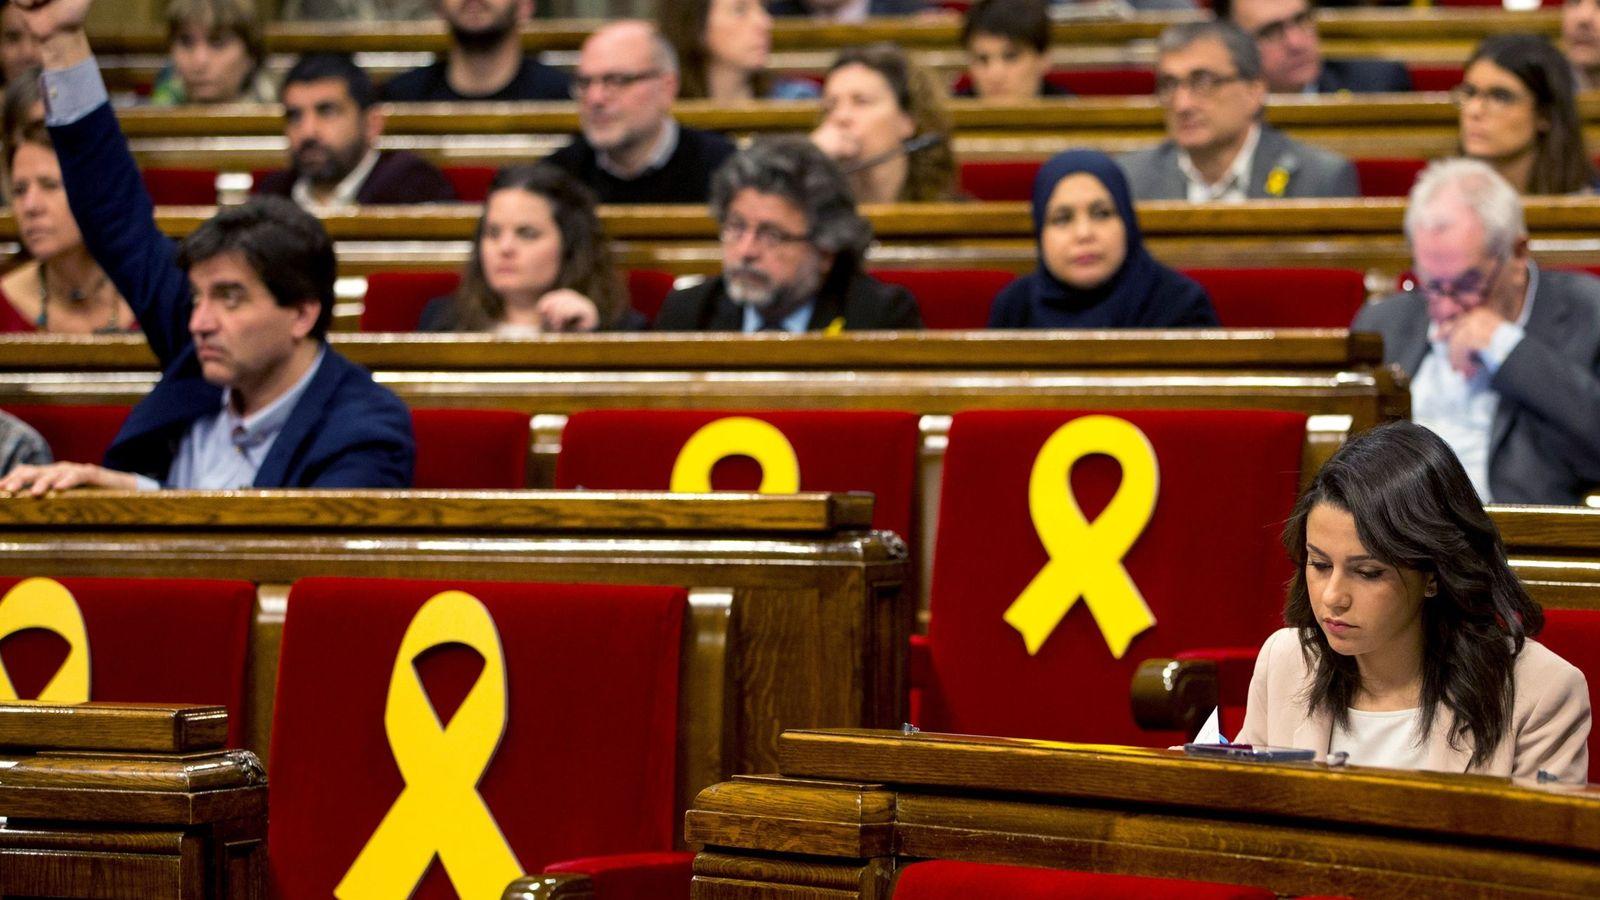 Foto: Debate en el Parlamento de Cataluña. (EFE)